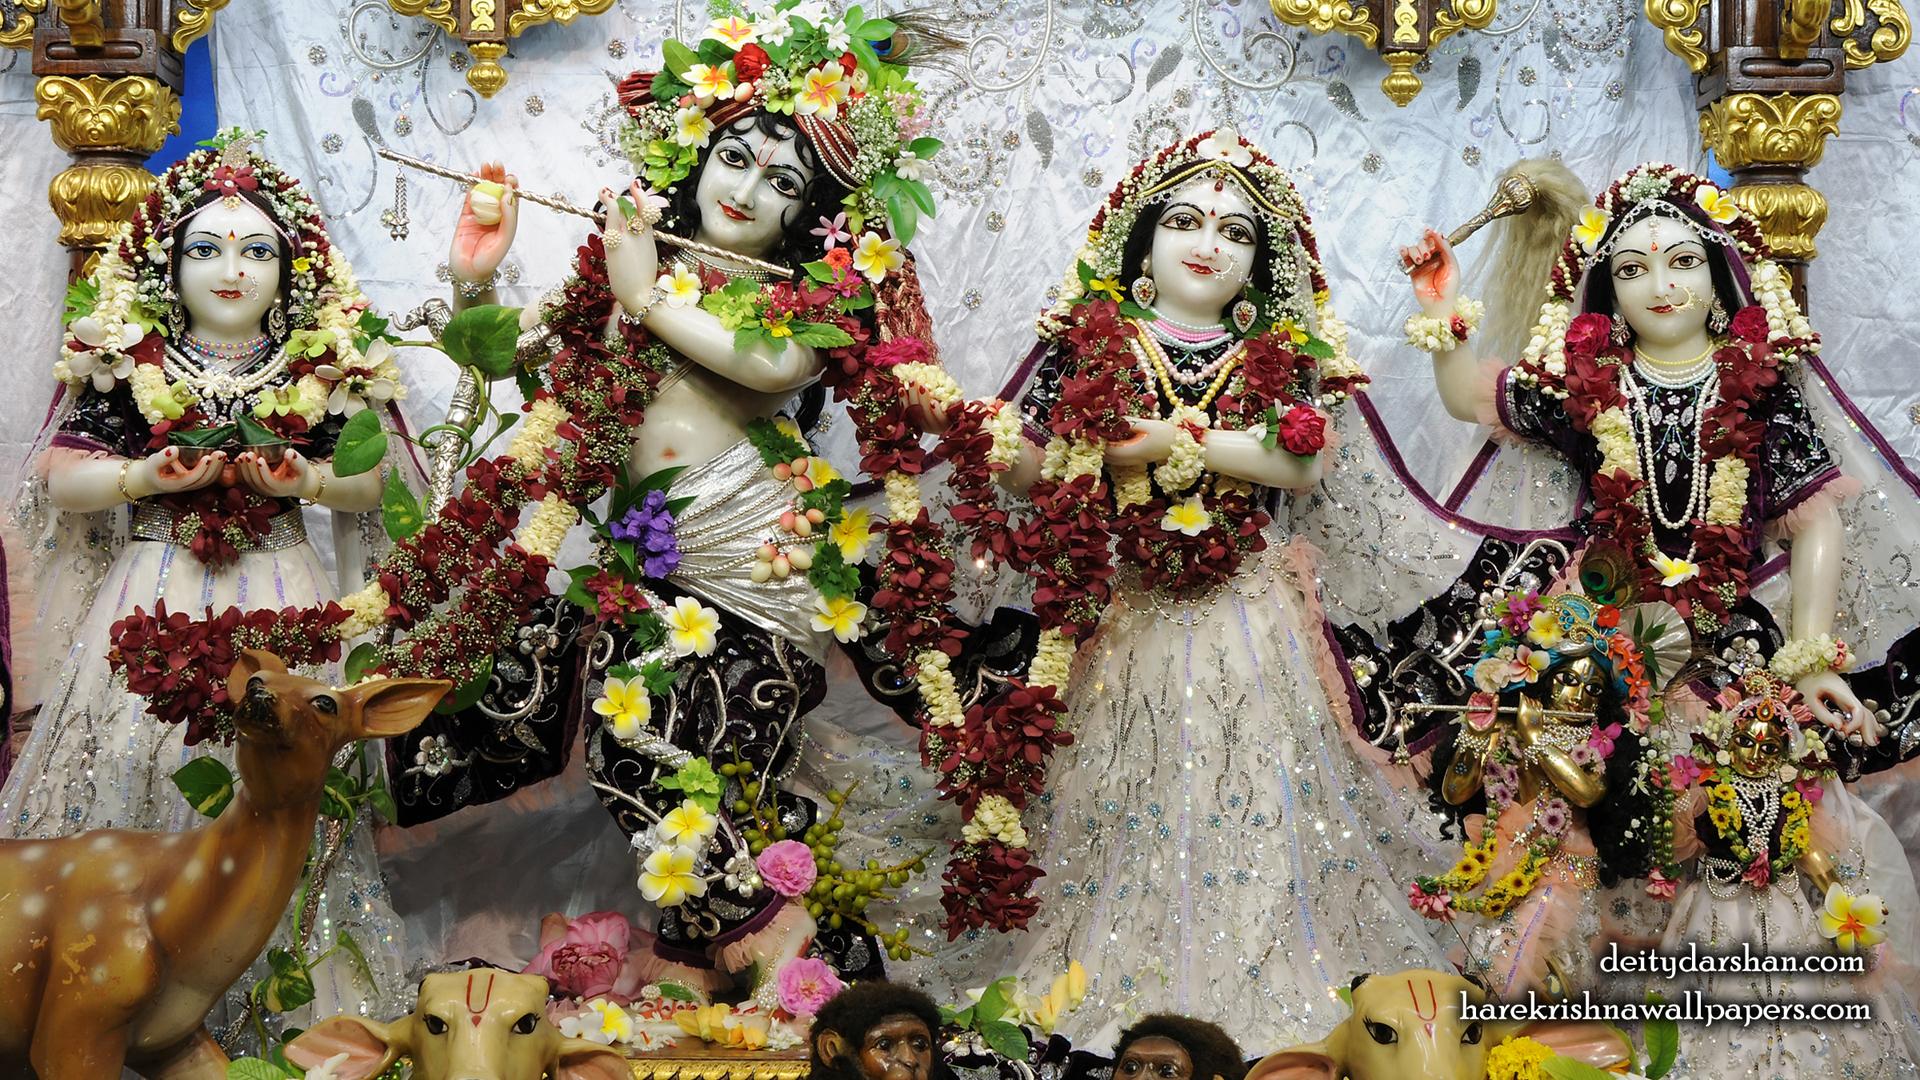 Sri Sri Radha Gopinath Lalita Vishakha Wallpaper (073) Size 1920x1080 Download